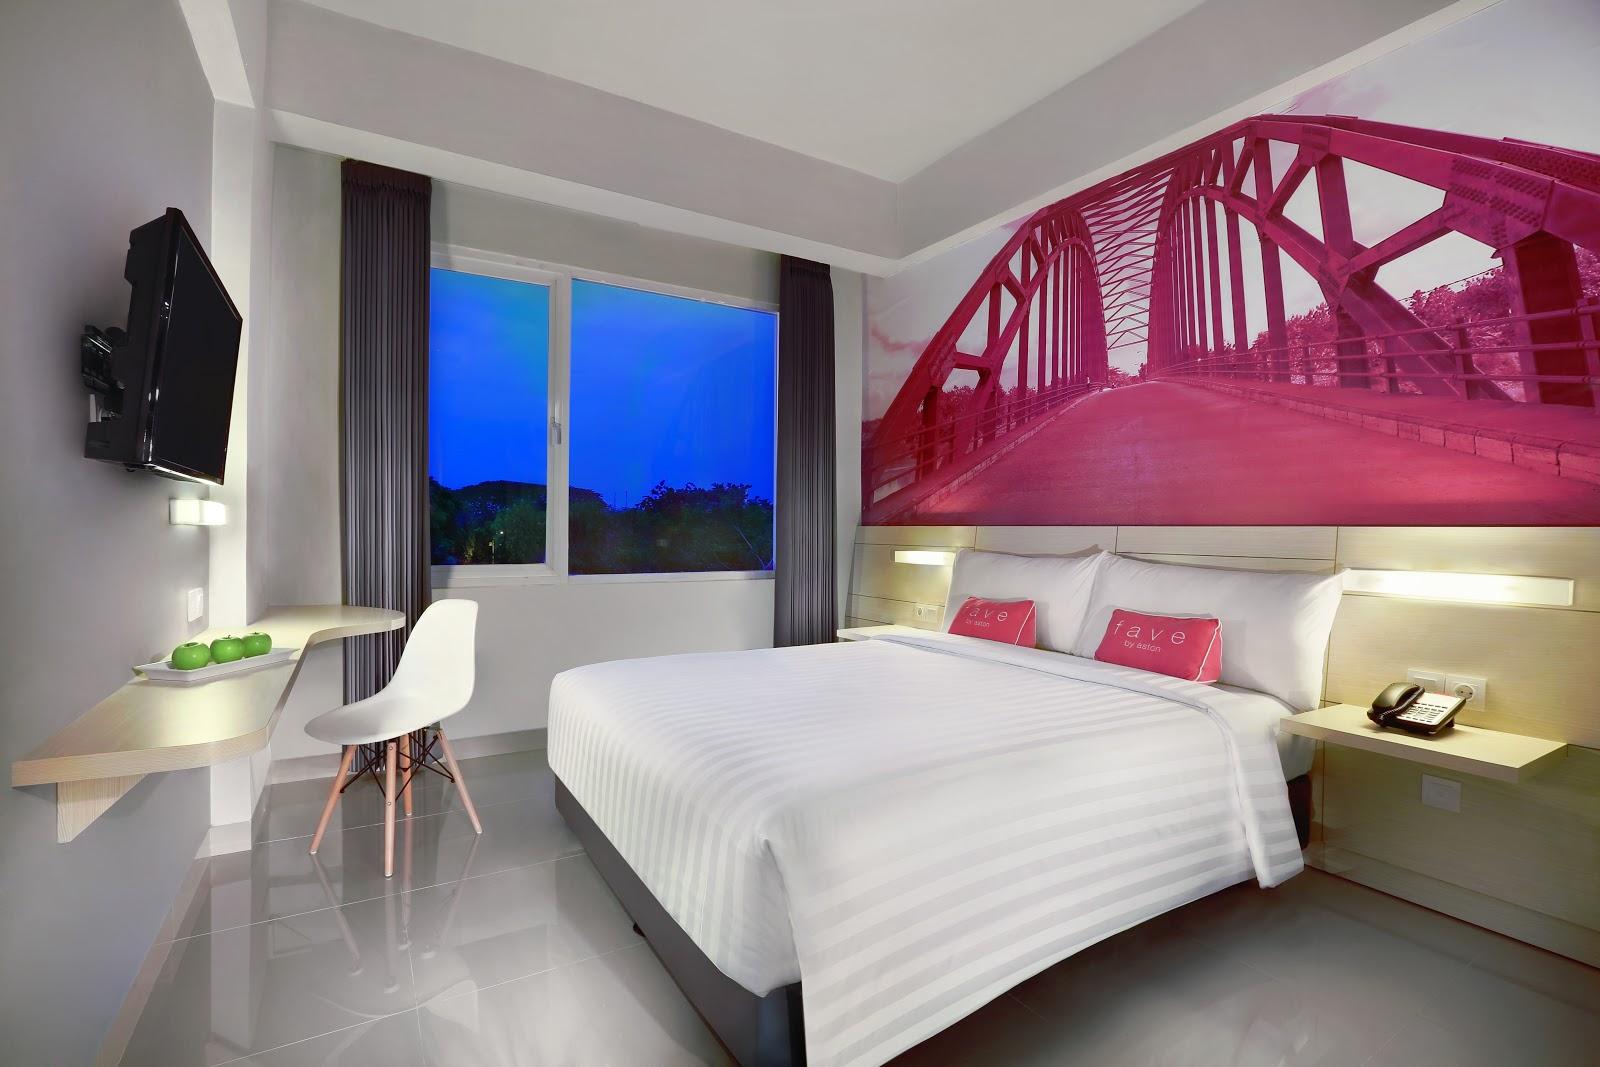 Fave Hotel Sudirman Bojonegoro